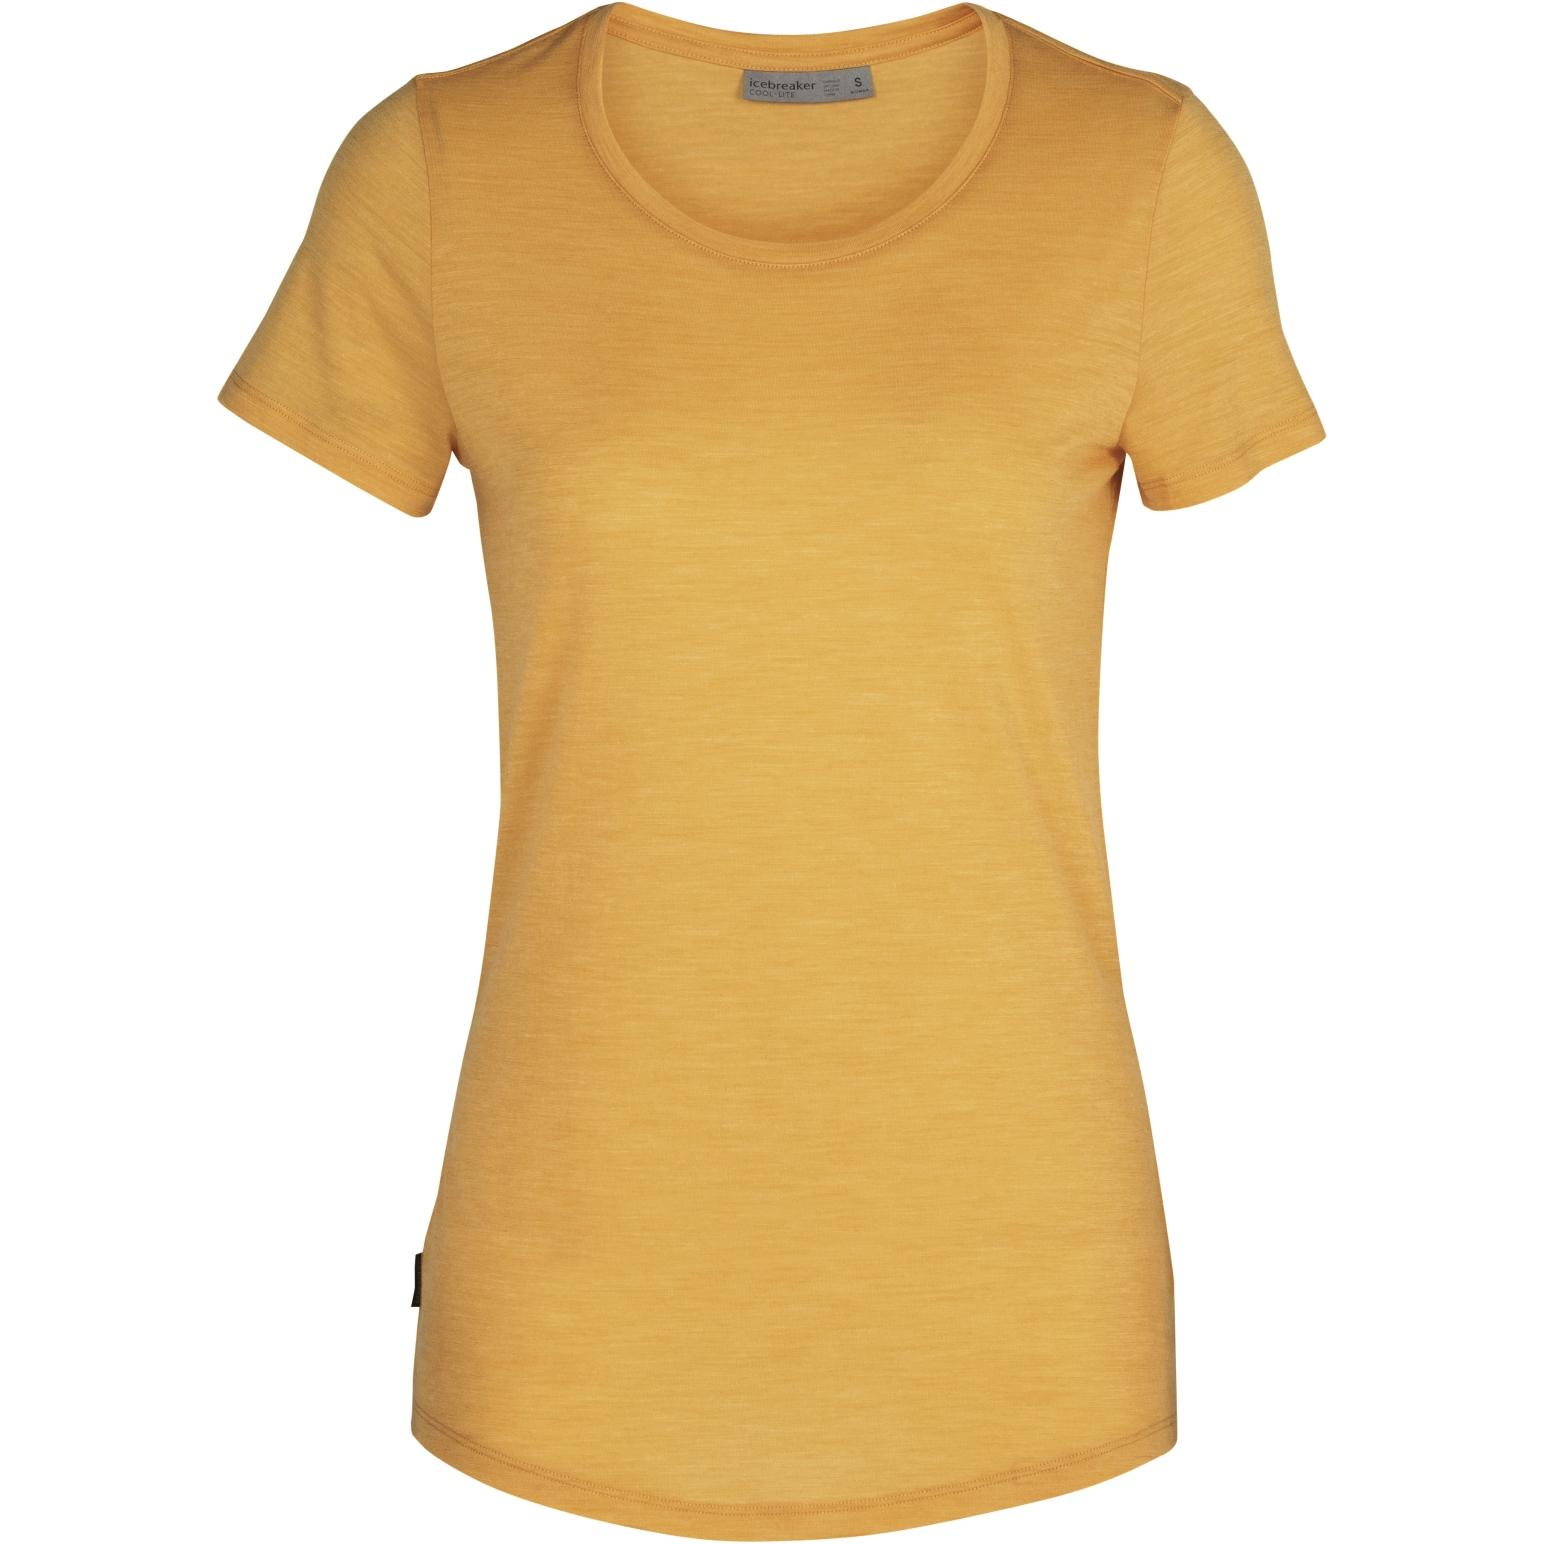 Produktbild von Icebreaker Sphere Low Crewe Damen T-Shirt - Safflower HTHR